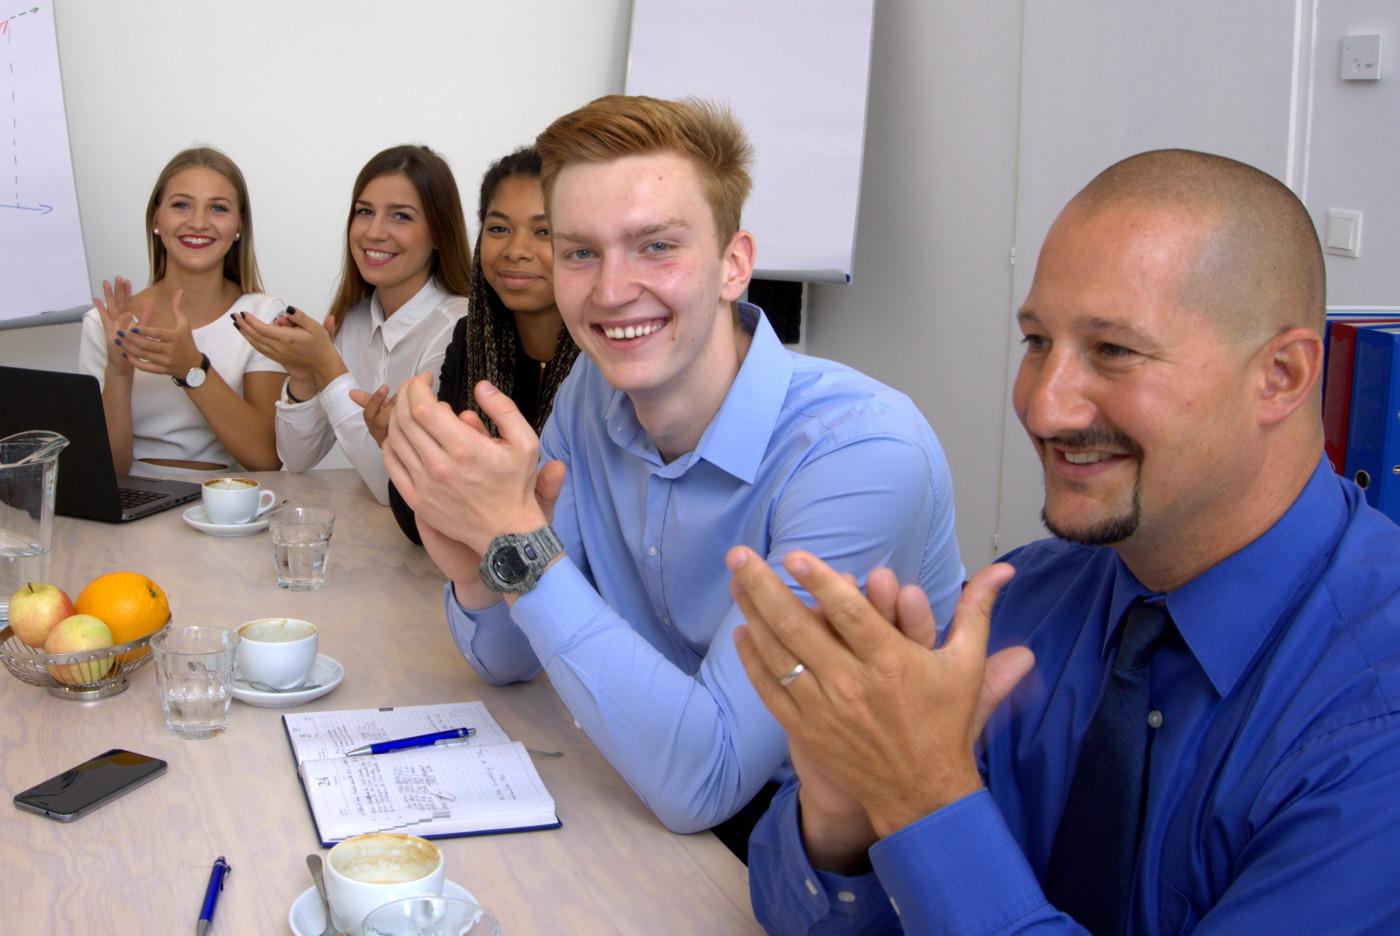 Geschäftsleute applaudieren während dem Meeting